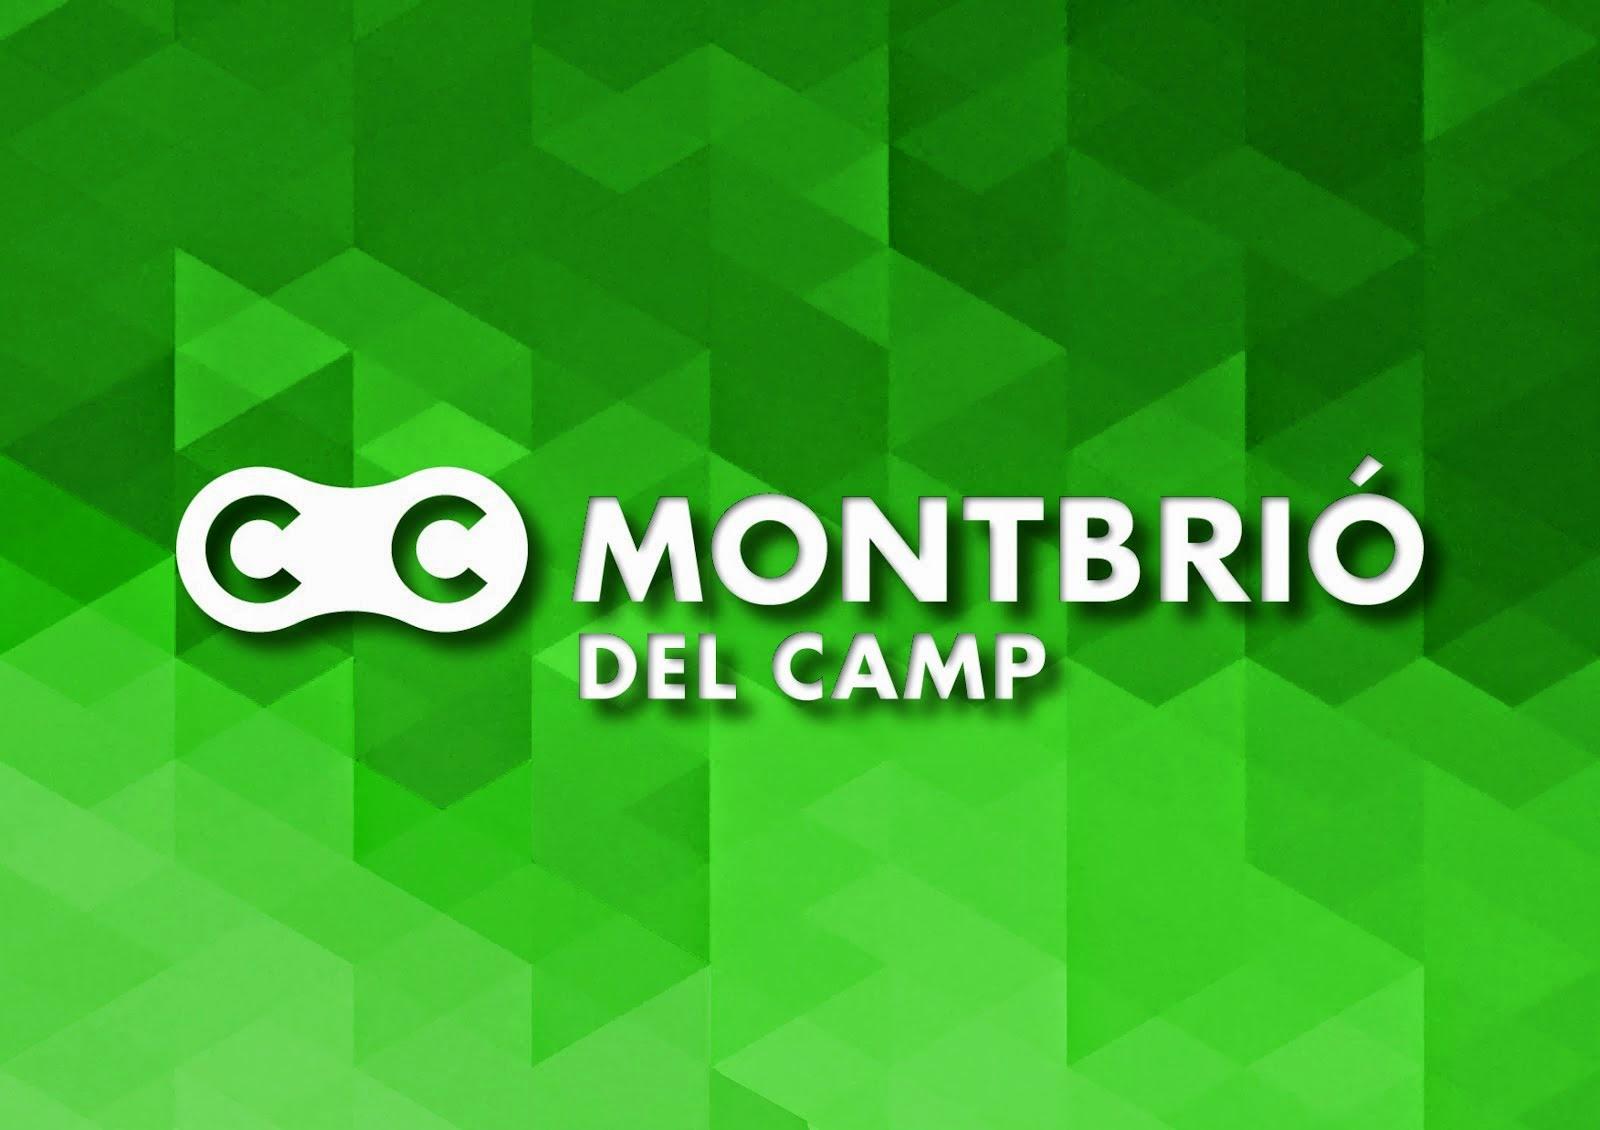 Club Ciclista Montbrió